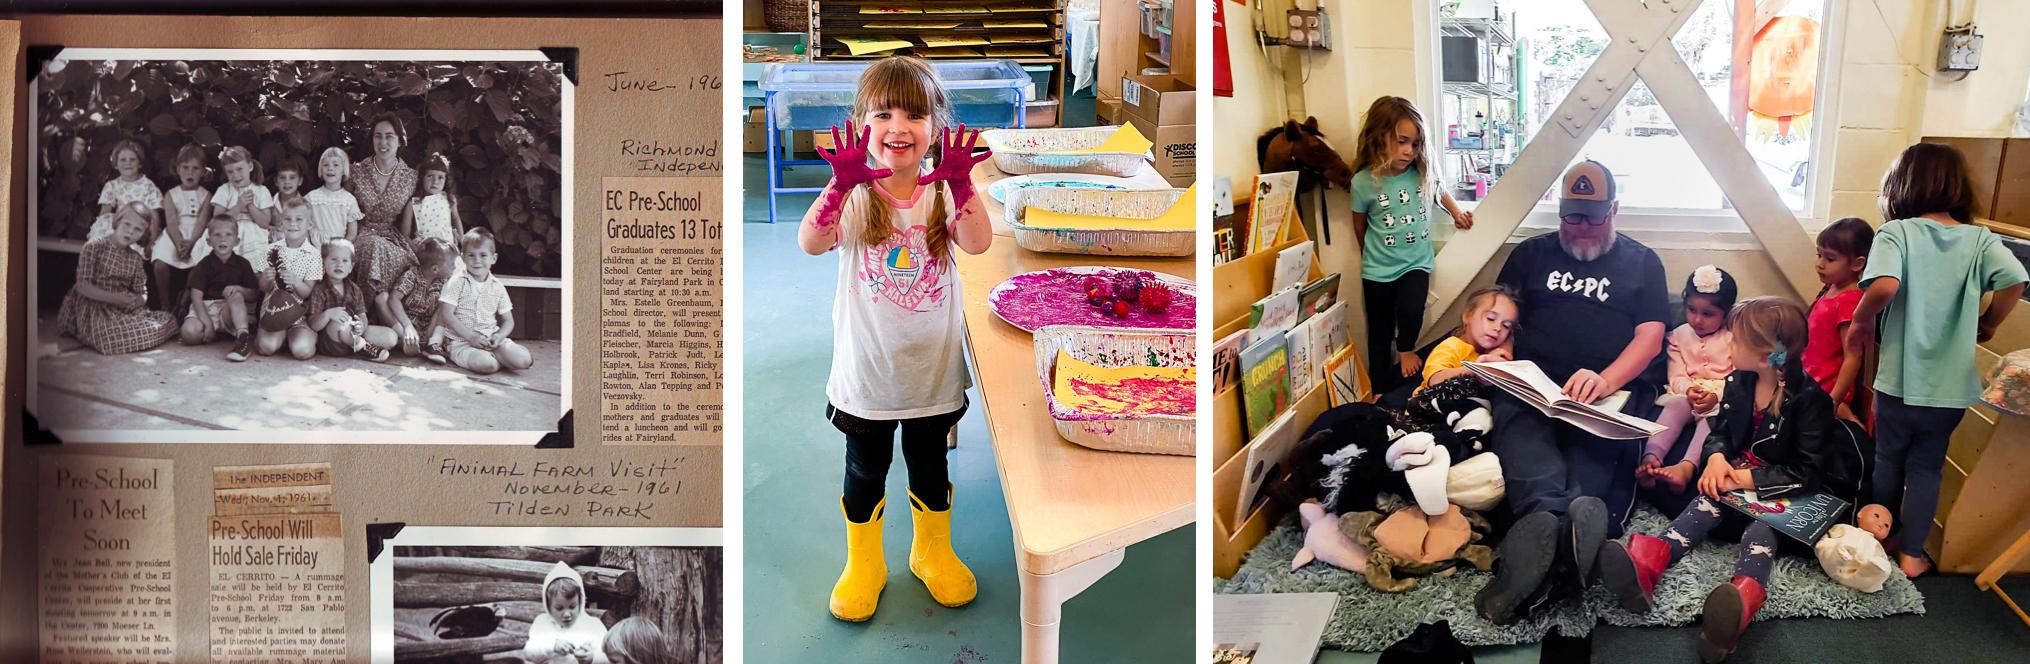 El Cerrito Preschool Cooperative